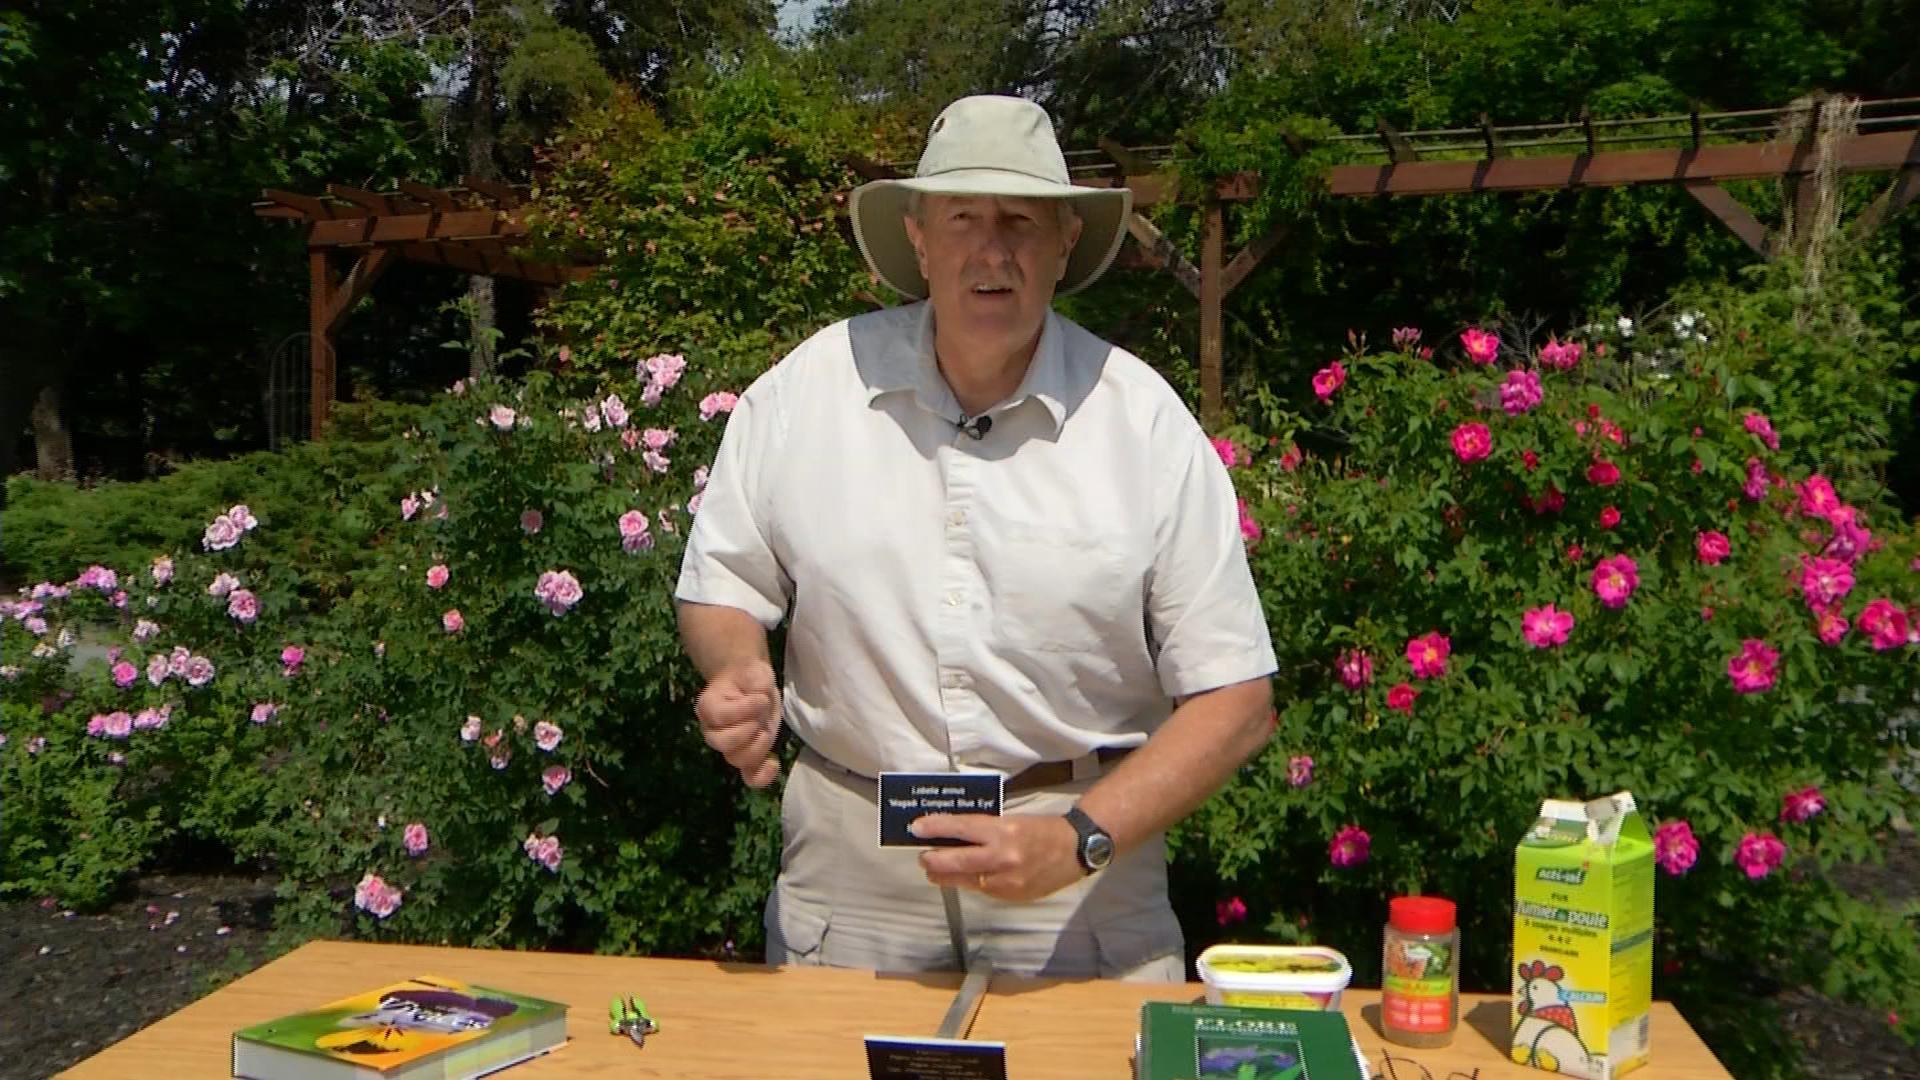 Dans mon jardin avec larry hodgson quelques termes de botanique - Camping dans son jardin ...